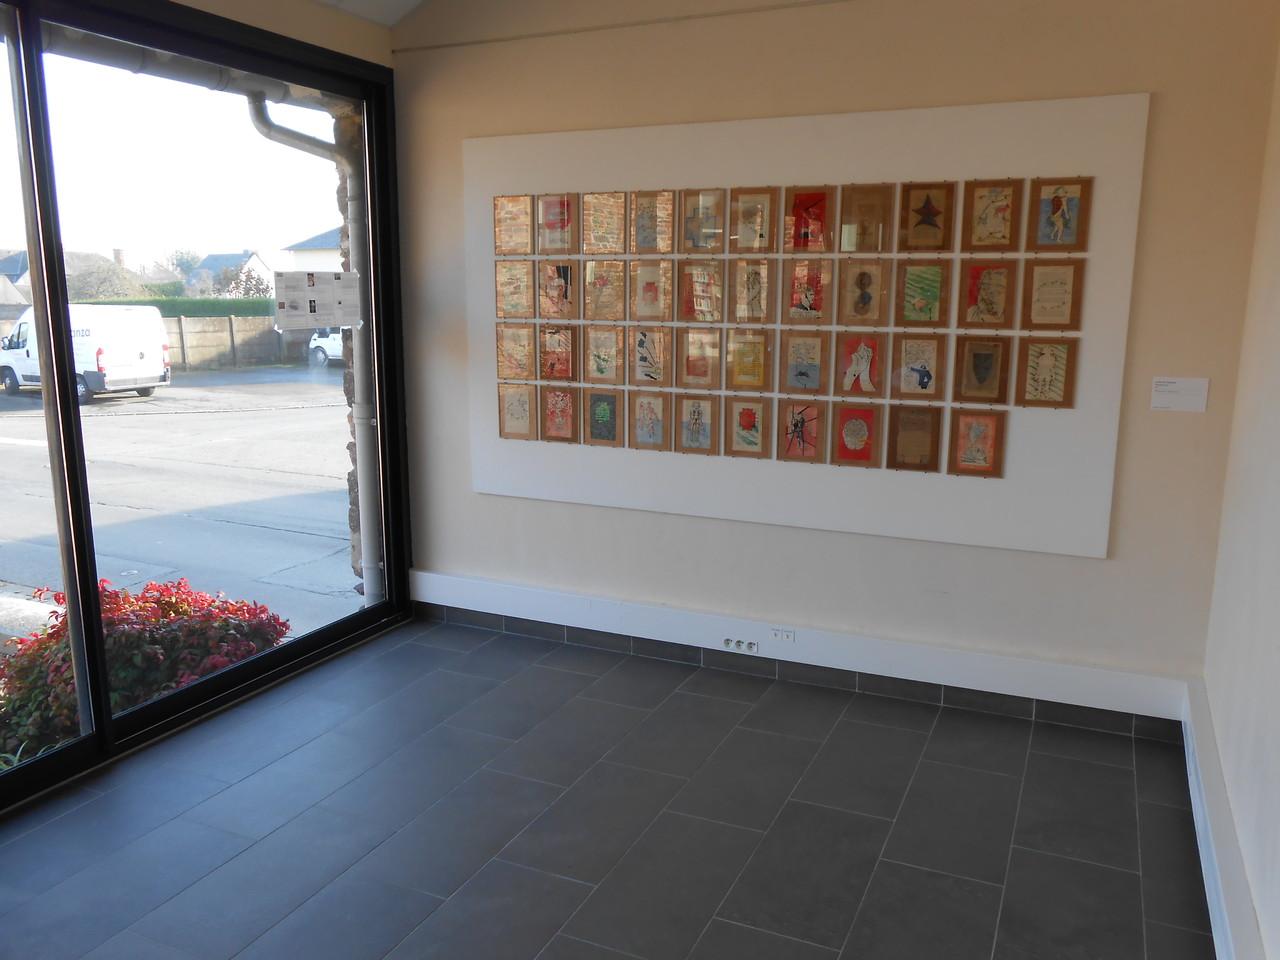 Vue d'exposition bibliothèque La Parchemine de Pleumeleuc - Stéphane Le Mercier, Poudre d'or, 1990. Coll. FRAC Bretagne